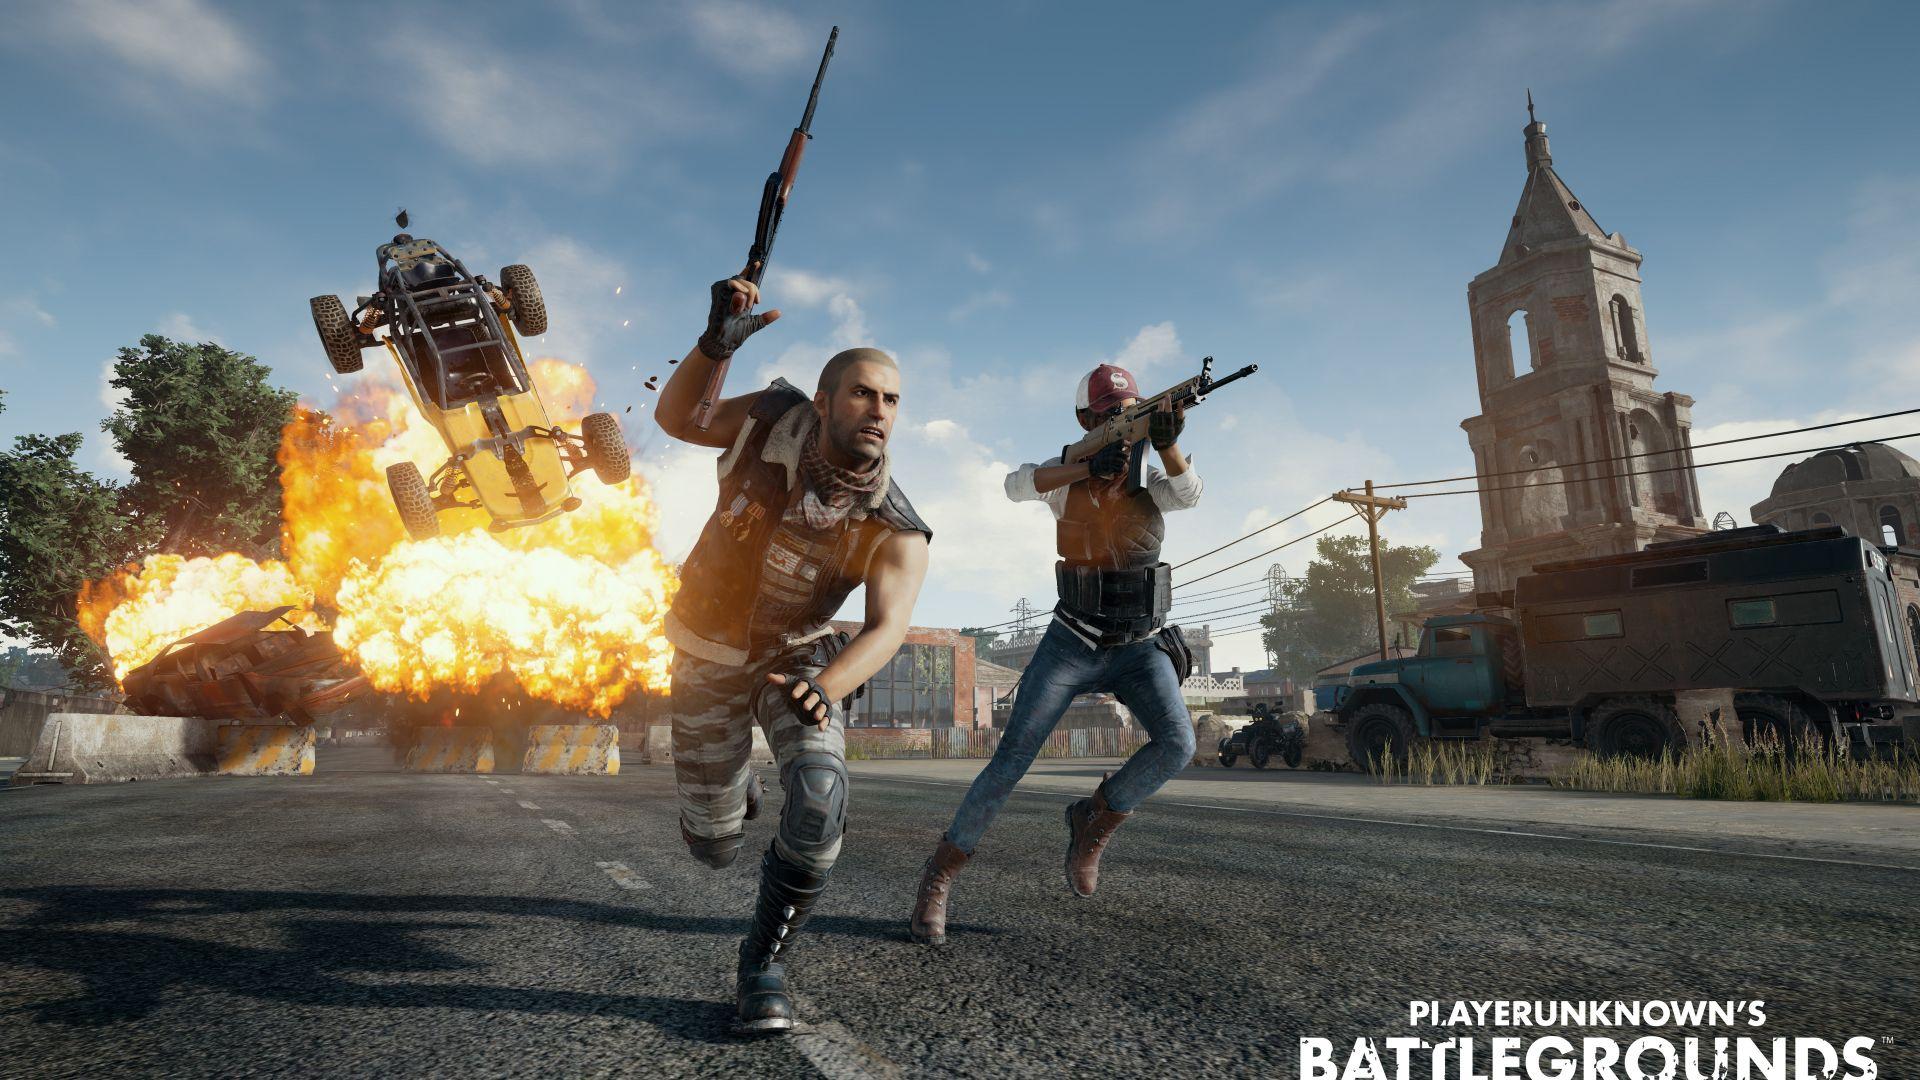 1920x1080 Playerunknowns Battlegrounds 5k Screenshot: Wallpaper Playerunknown's Battlegrounds, 5k, E3 2017